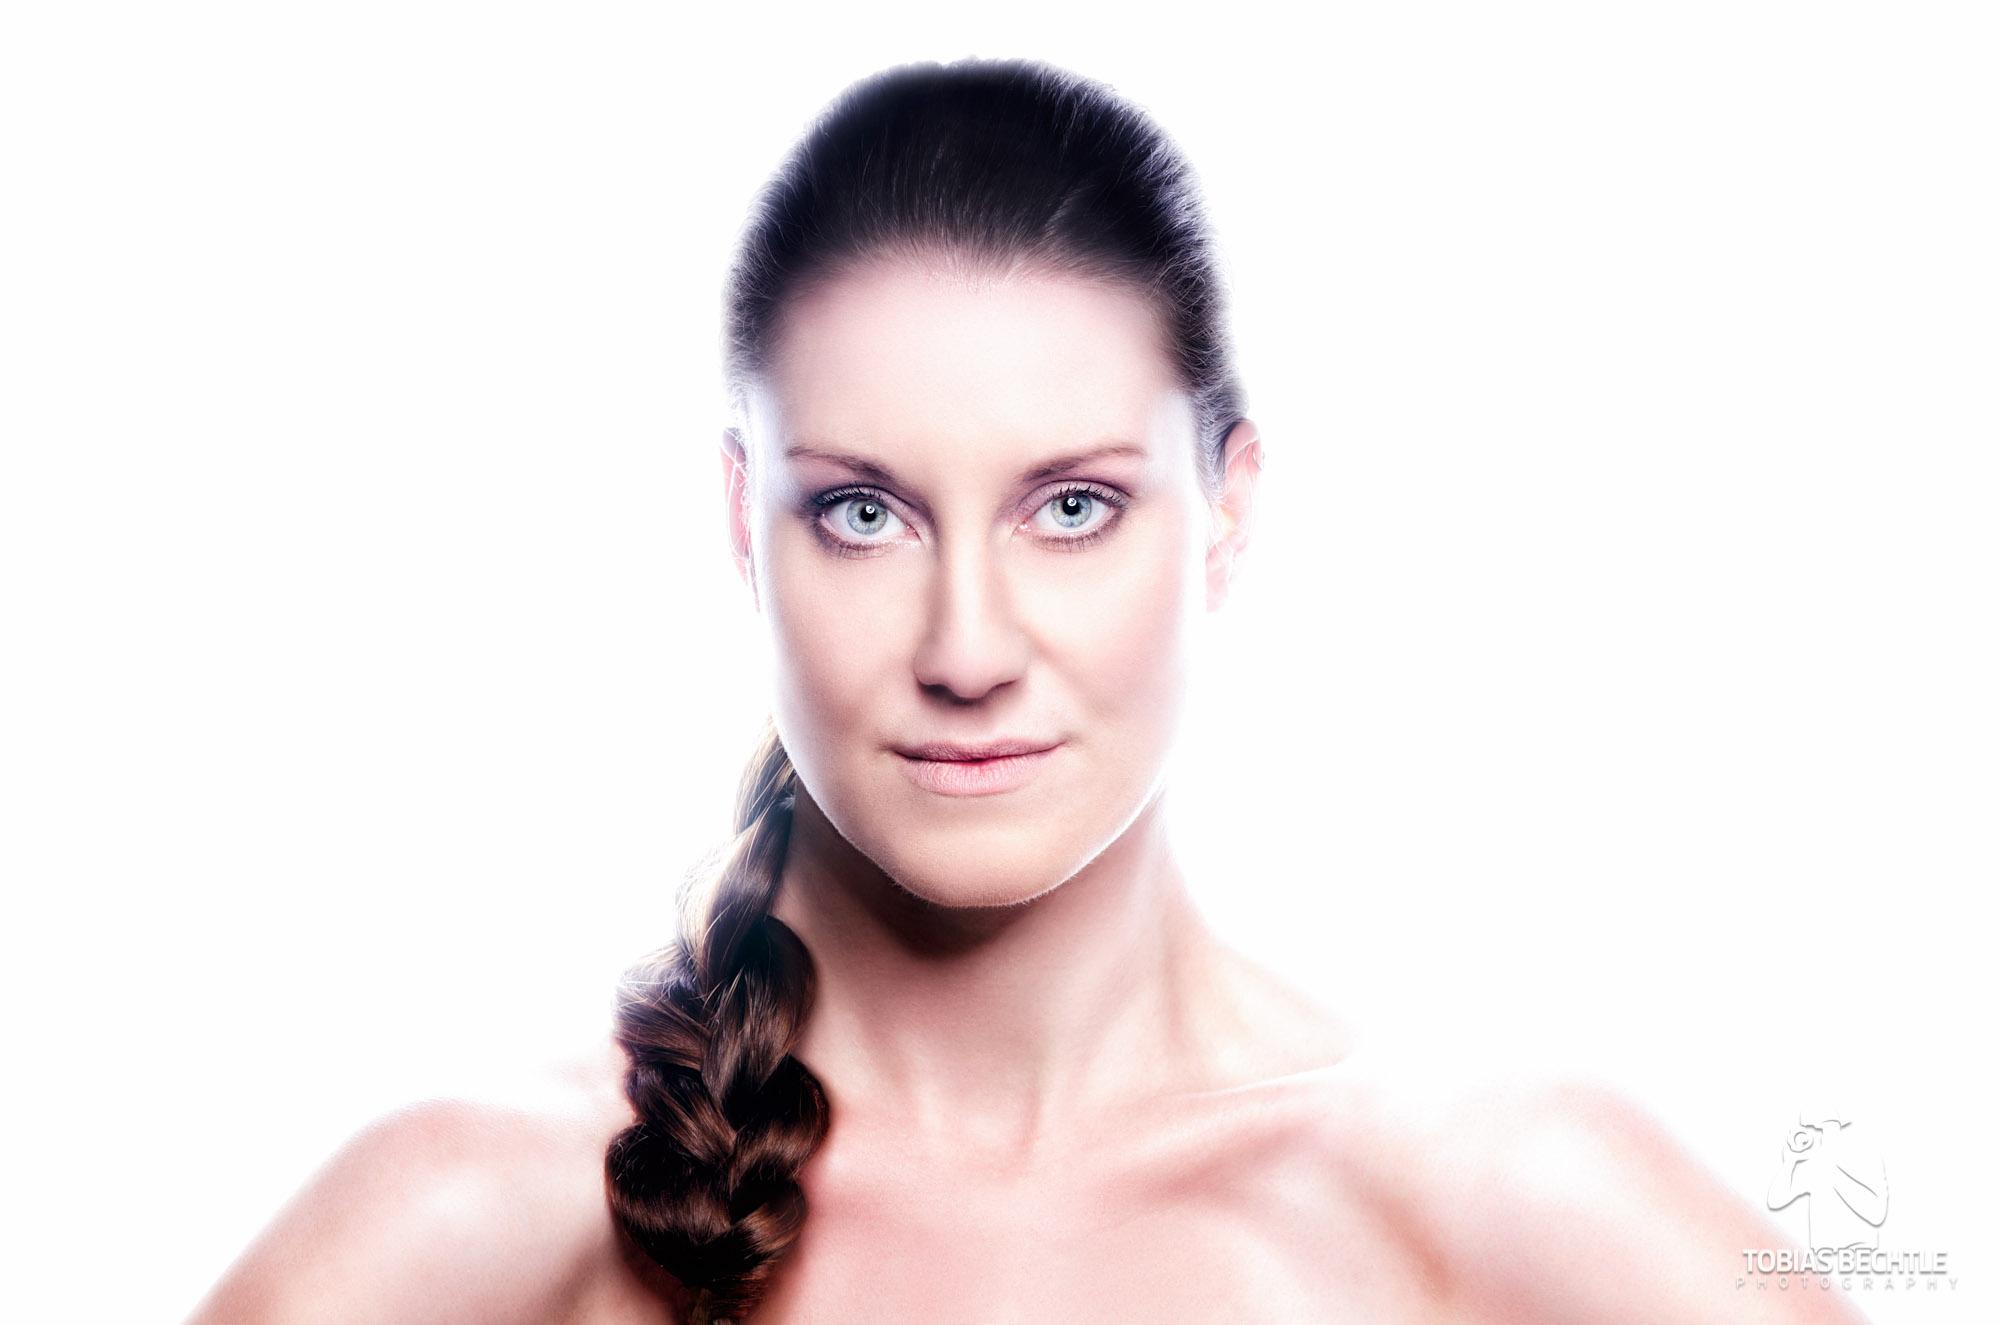 Ann beauty Portrait